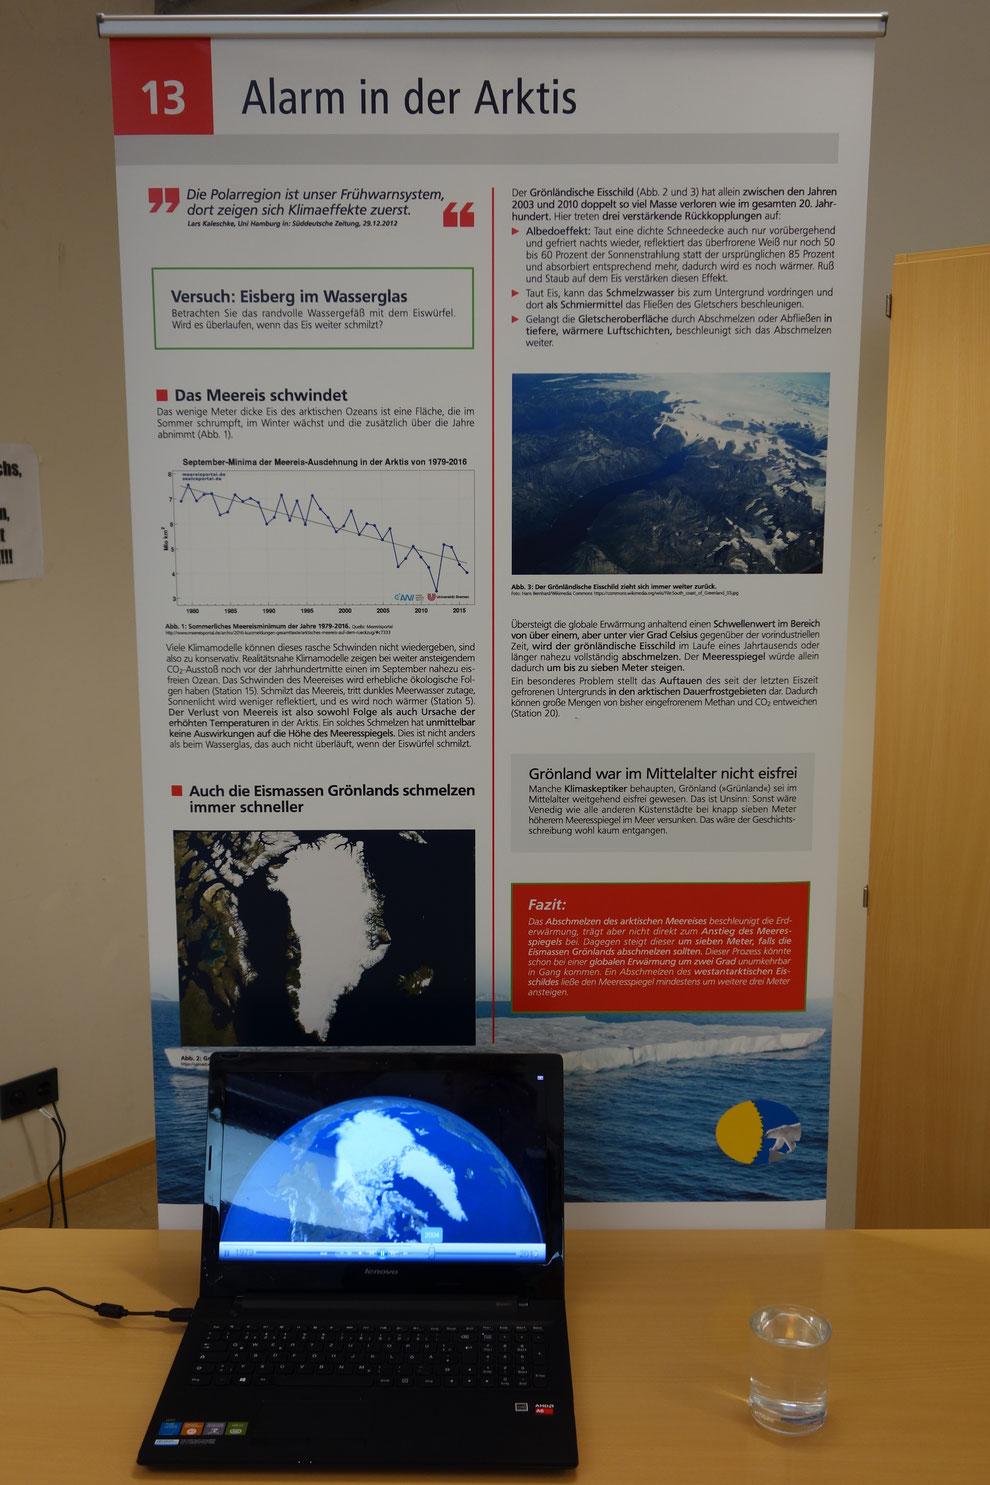 Das Video zeigt die zeiltliche Entwicklung der Ausdehnung des arktischen Meereises jeweils im September seit den 80er Jahren. Das Wasserglas zeigt: Schmilzt Eis, das auf dem Wasser schwimmt, steigt der Wasserspiegel nicht an.